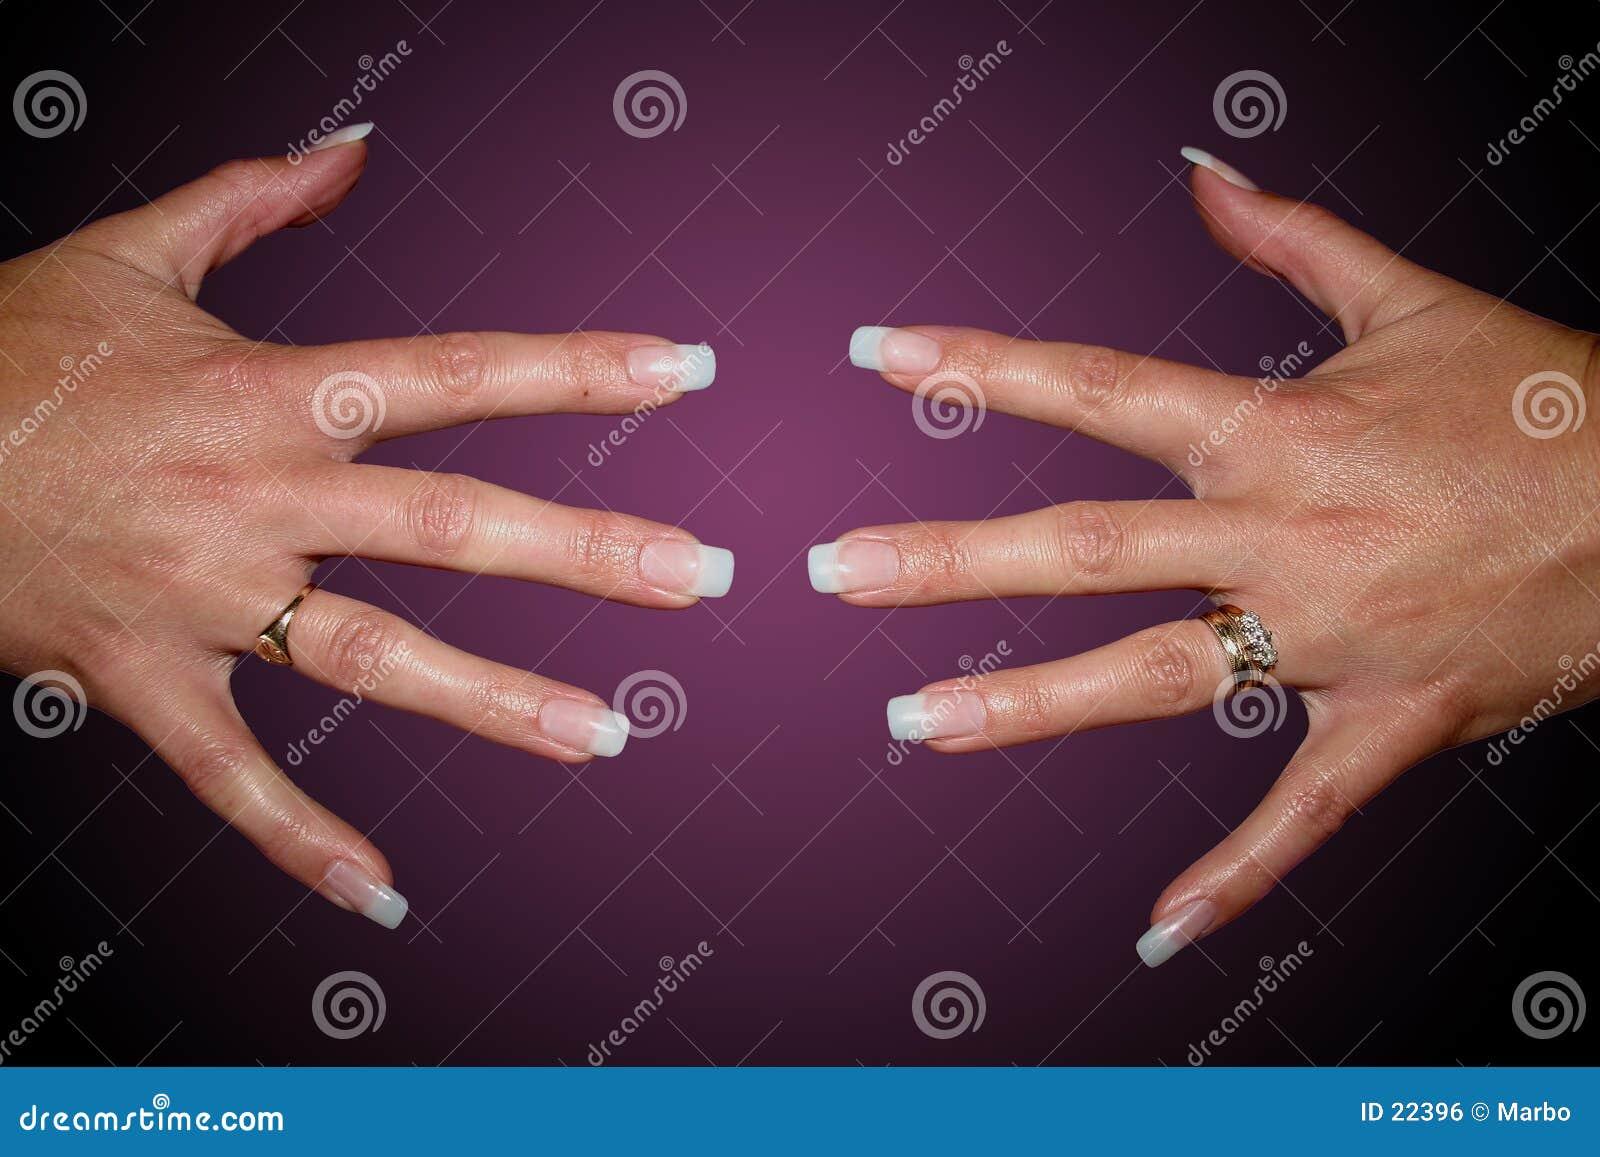 Clavos del dedo